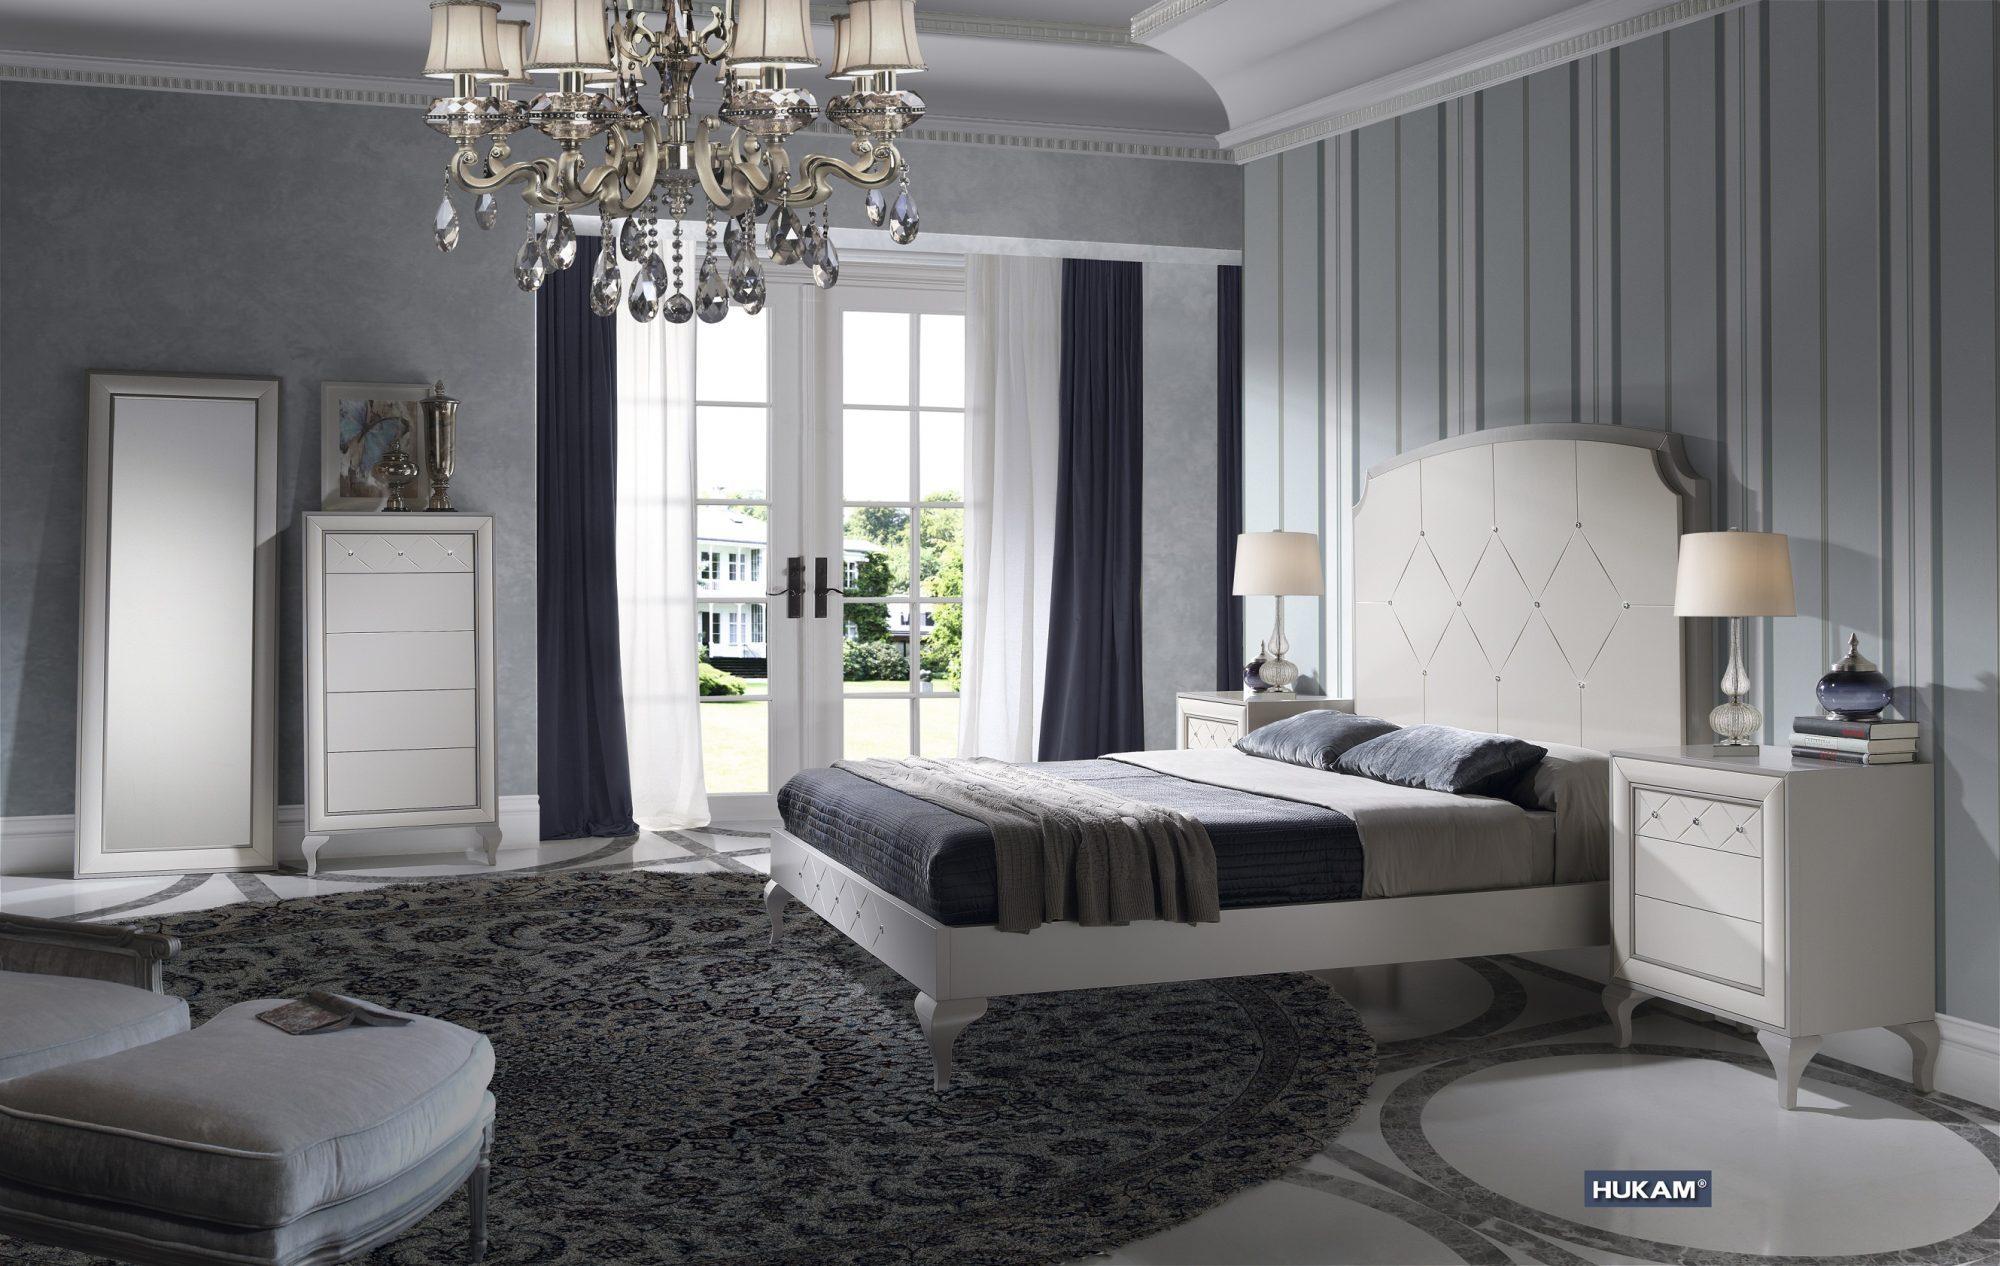 Venecia La Mejor Representaci N De Elegancia Y Estilo Para Tu  # Muebles Hukam Venecia